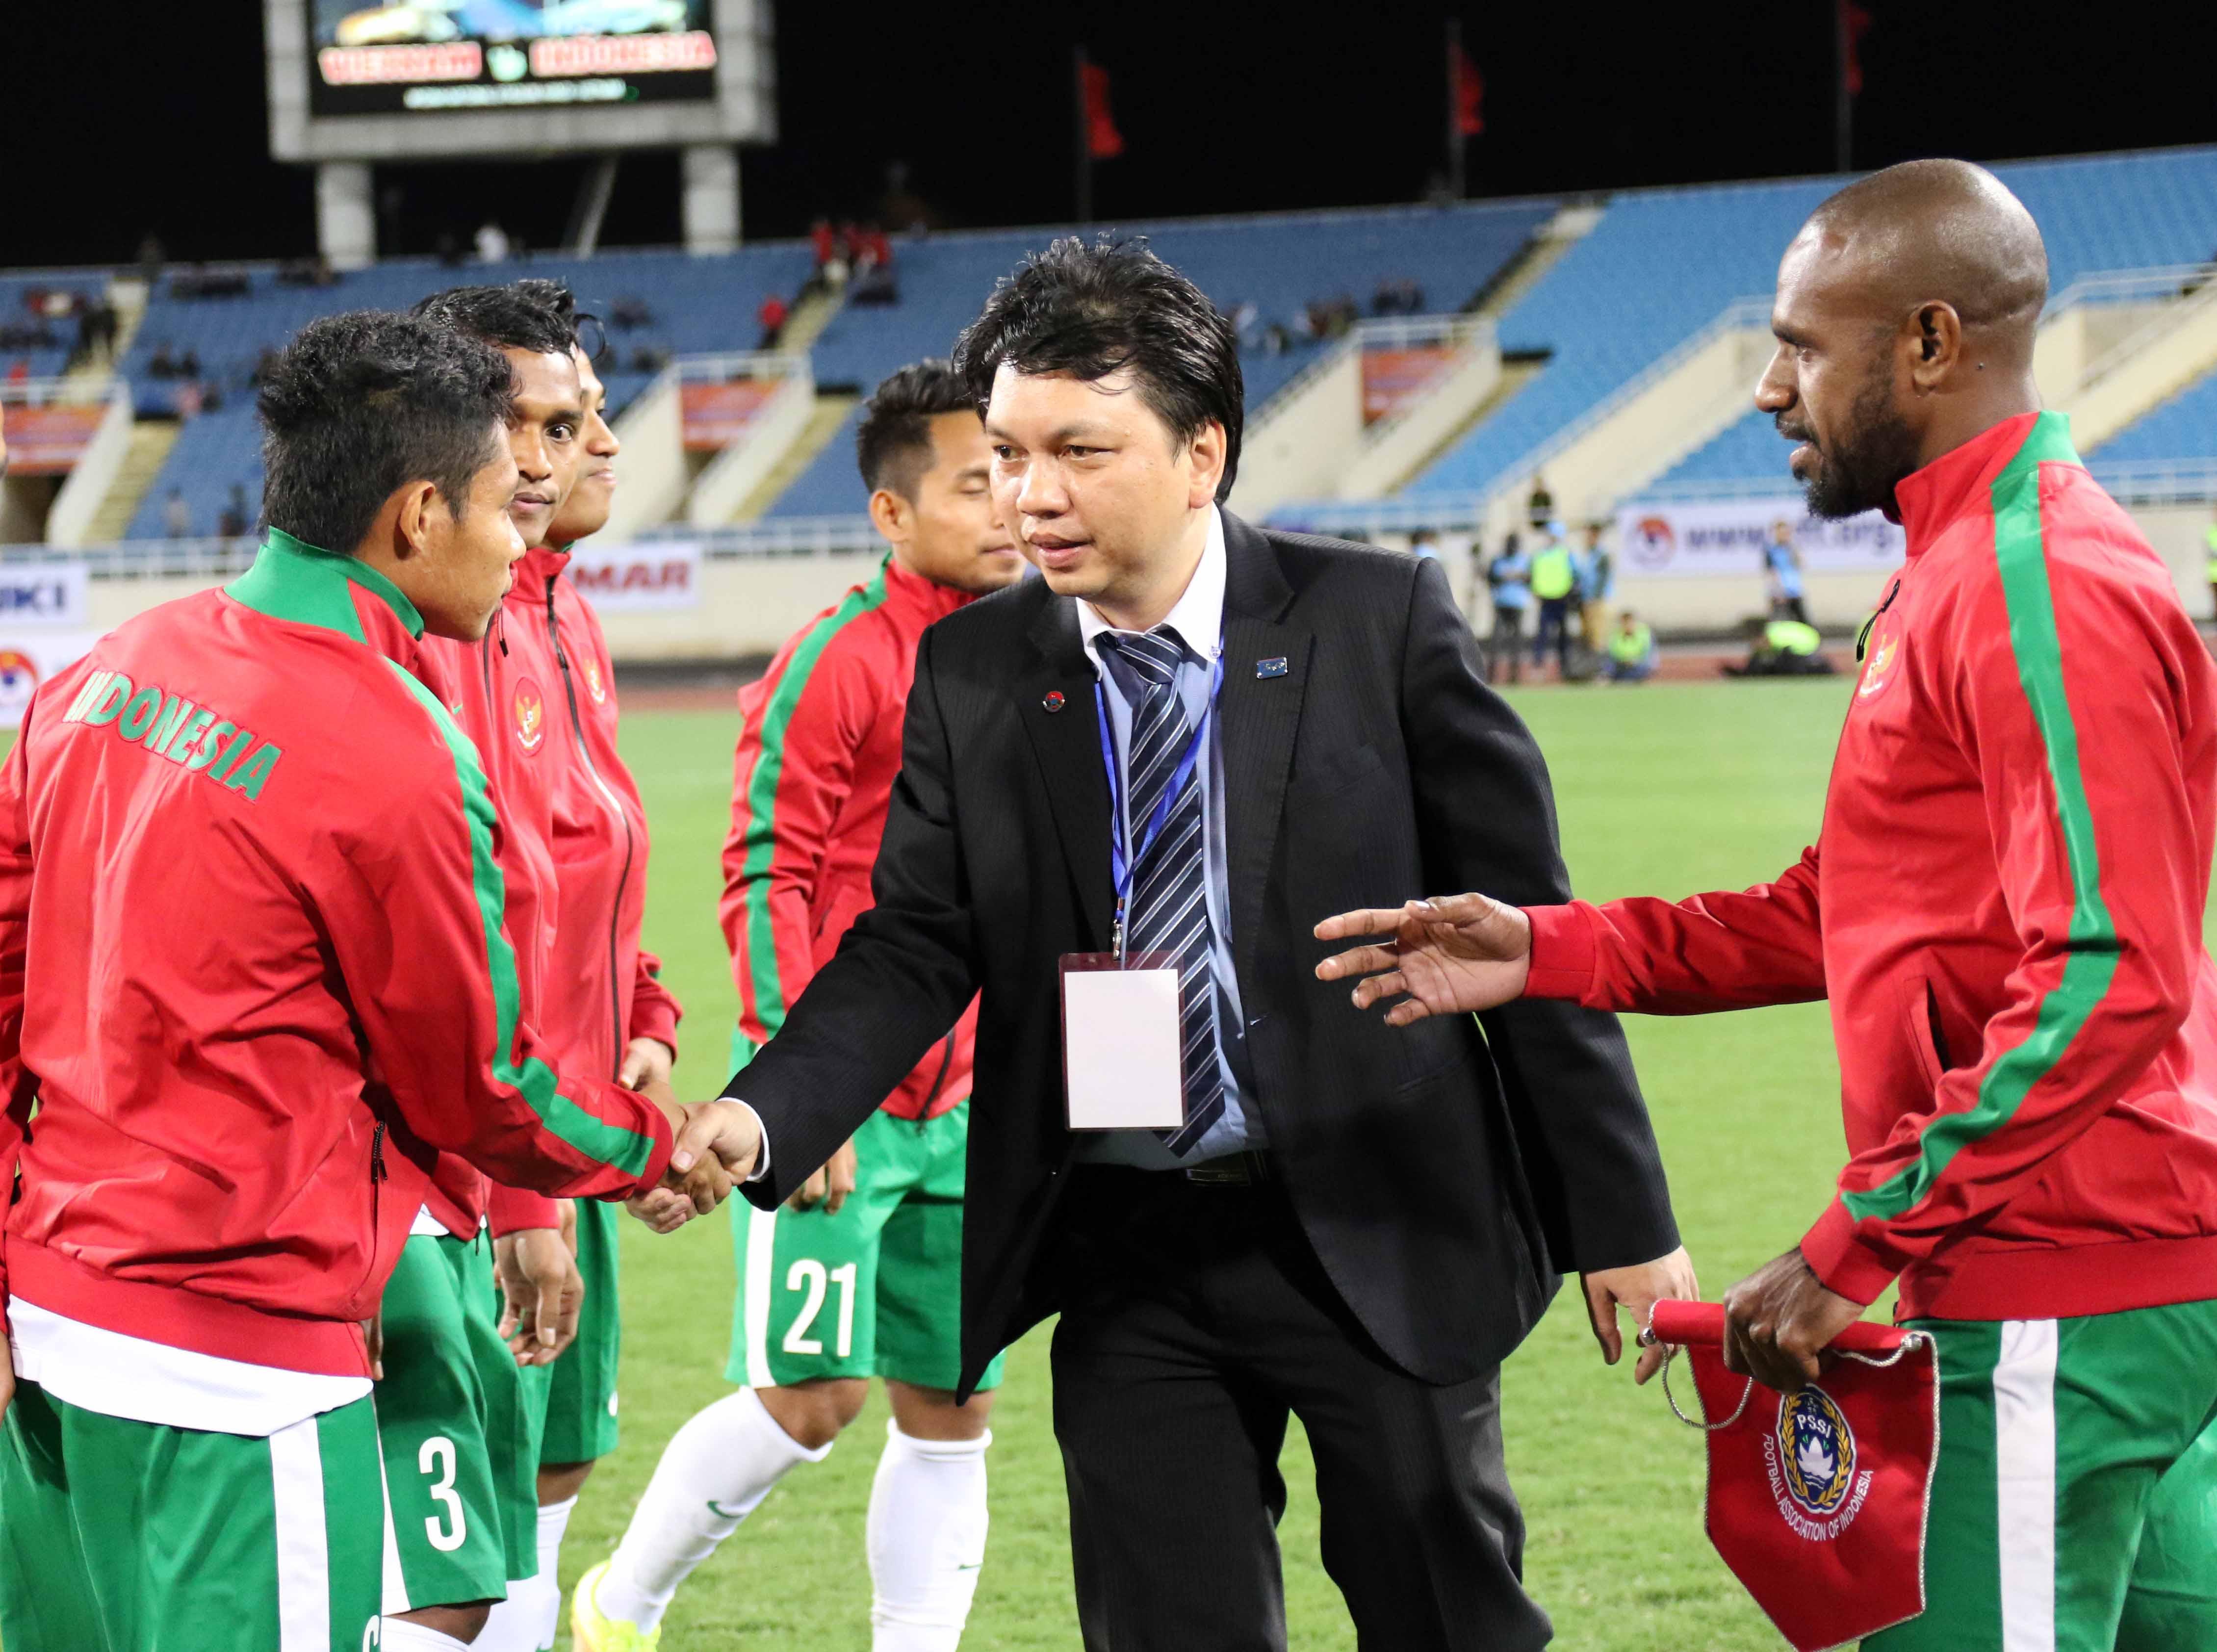 Chùm ảnh trận đấu giao hữu giữa đội tuyển Việt Nam - Indonesia trên sân vận động Quốc Gia Mỹ Đình